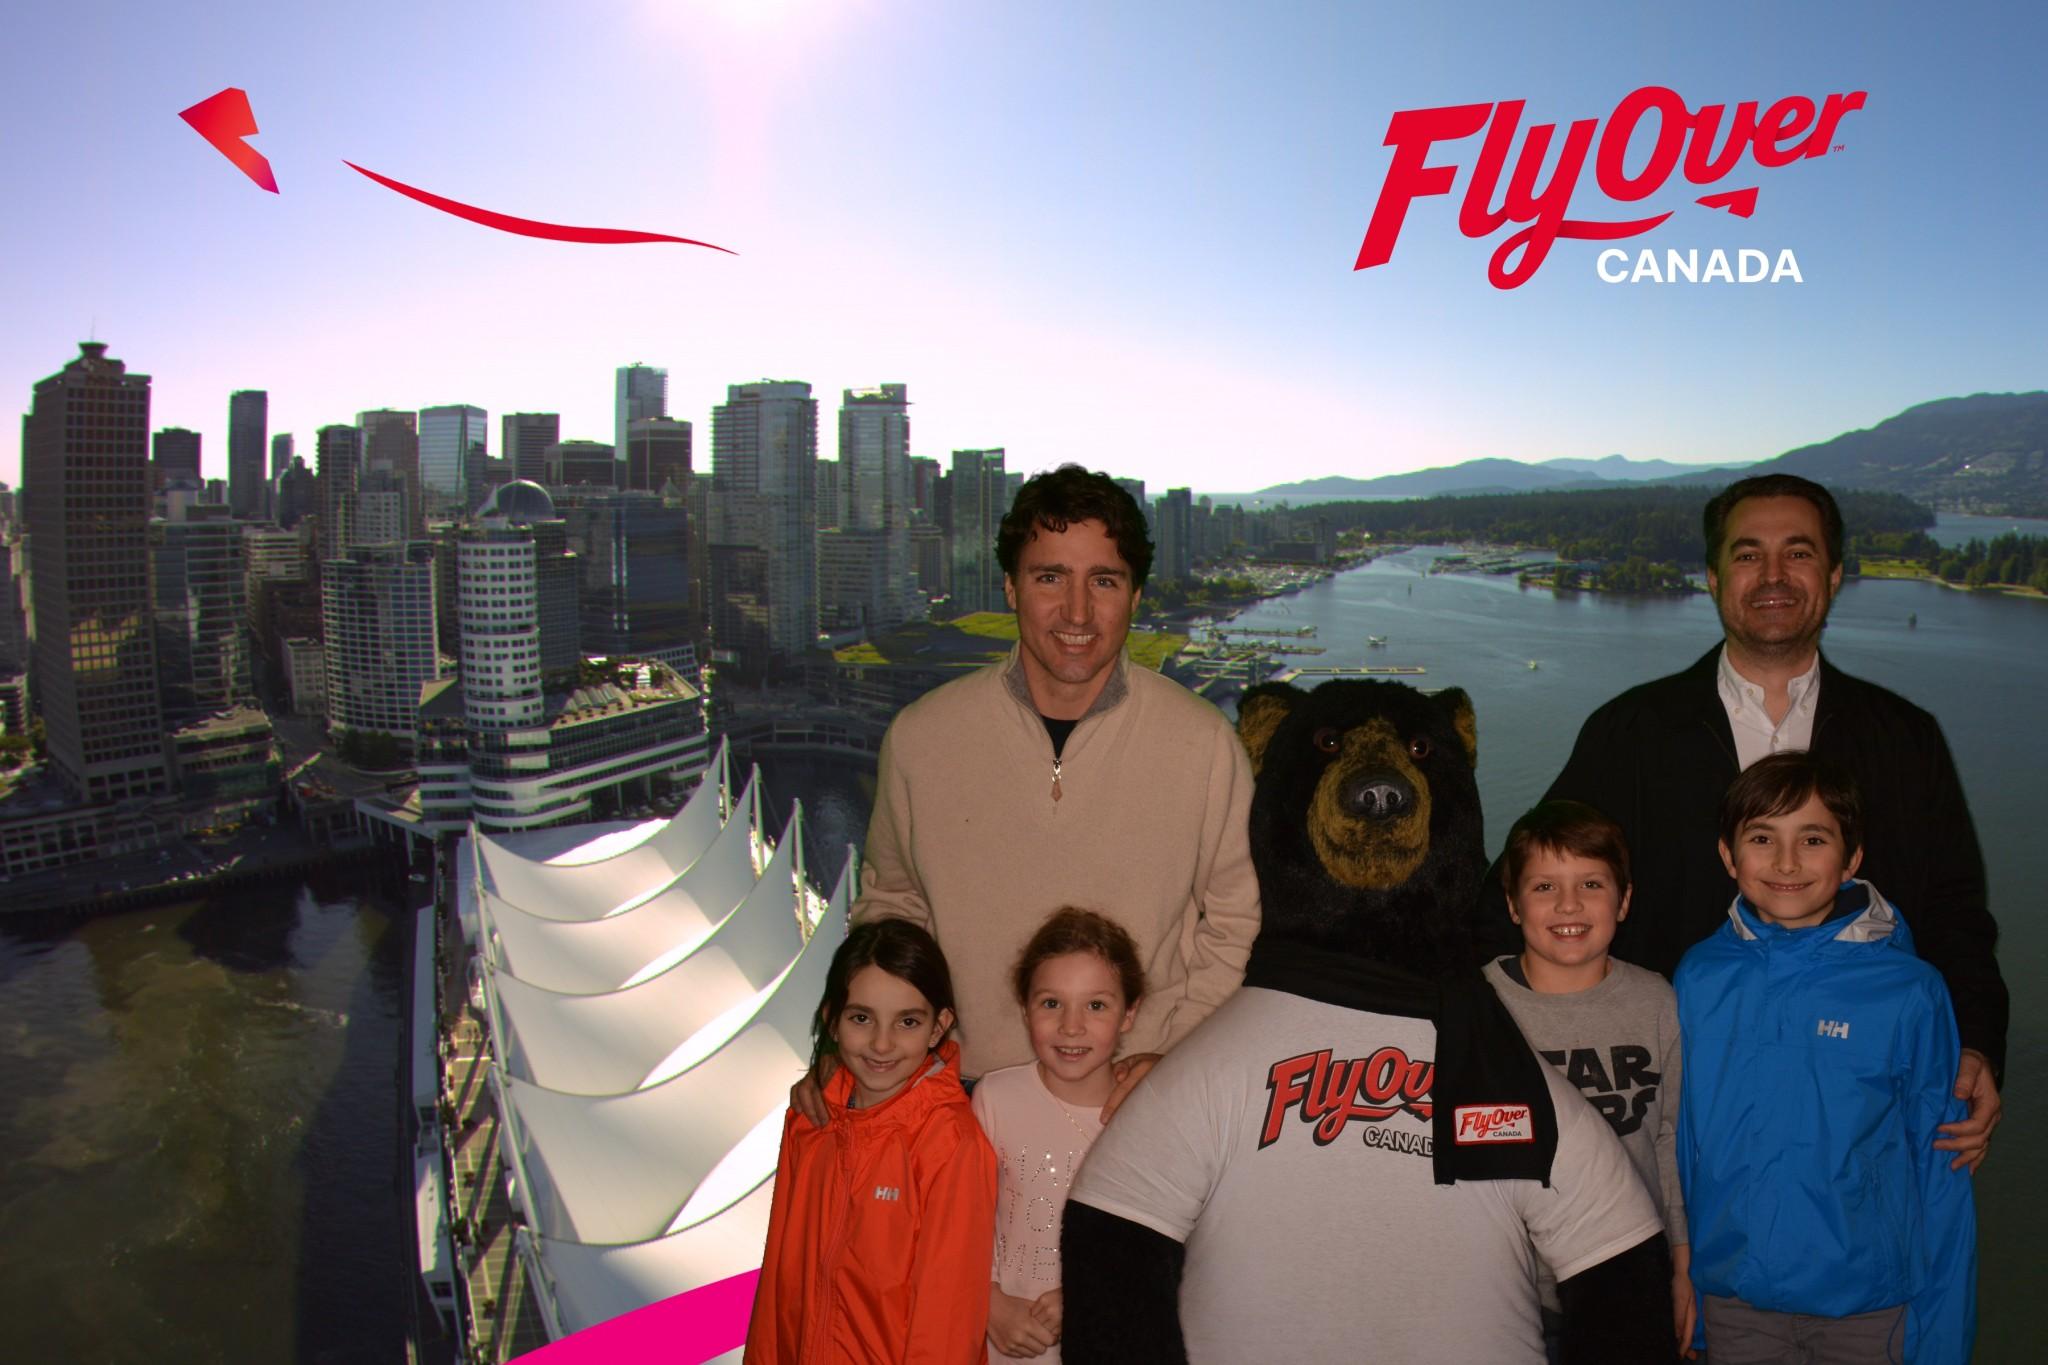 Image: FlyOver Canada